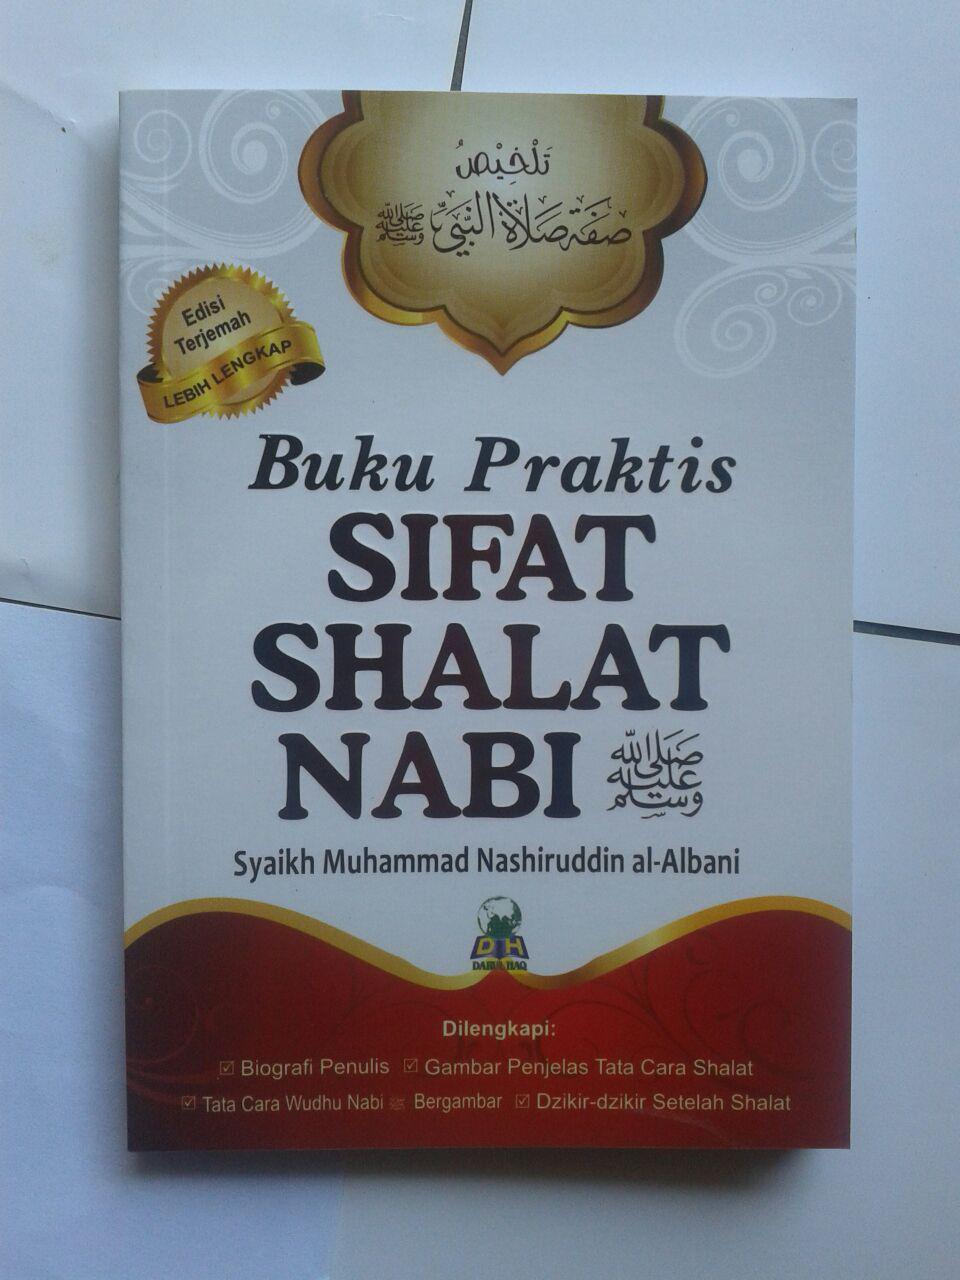 Buku Saku Praktis Sifat Shalat Nabi cover